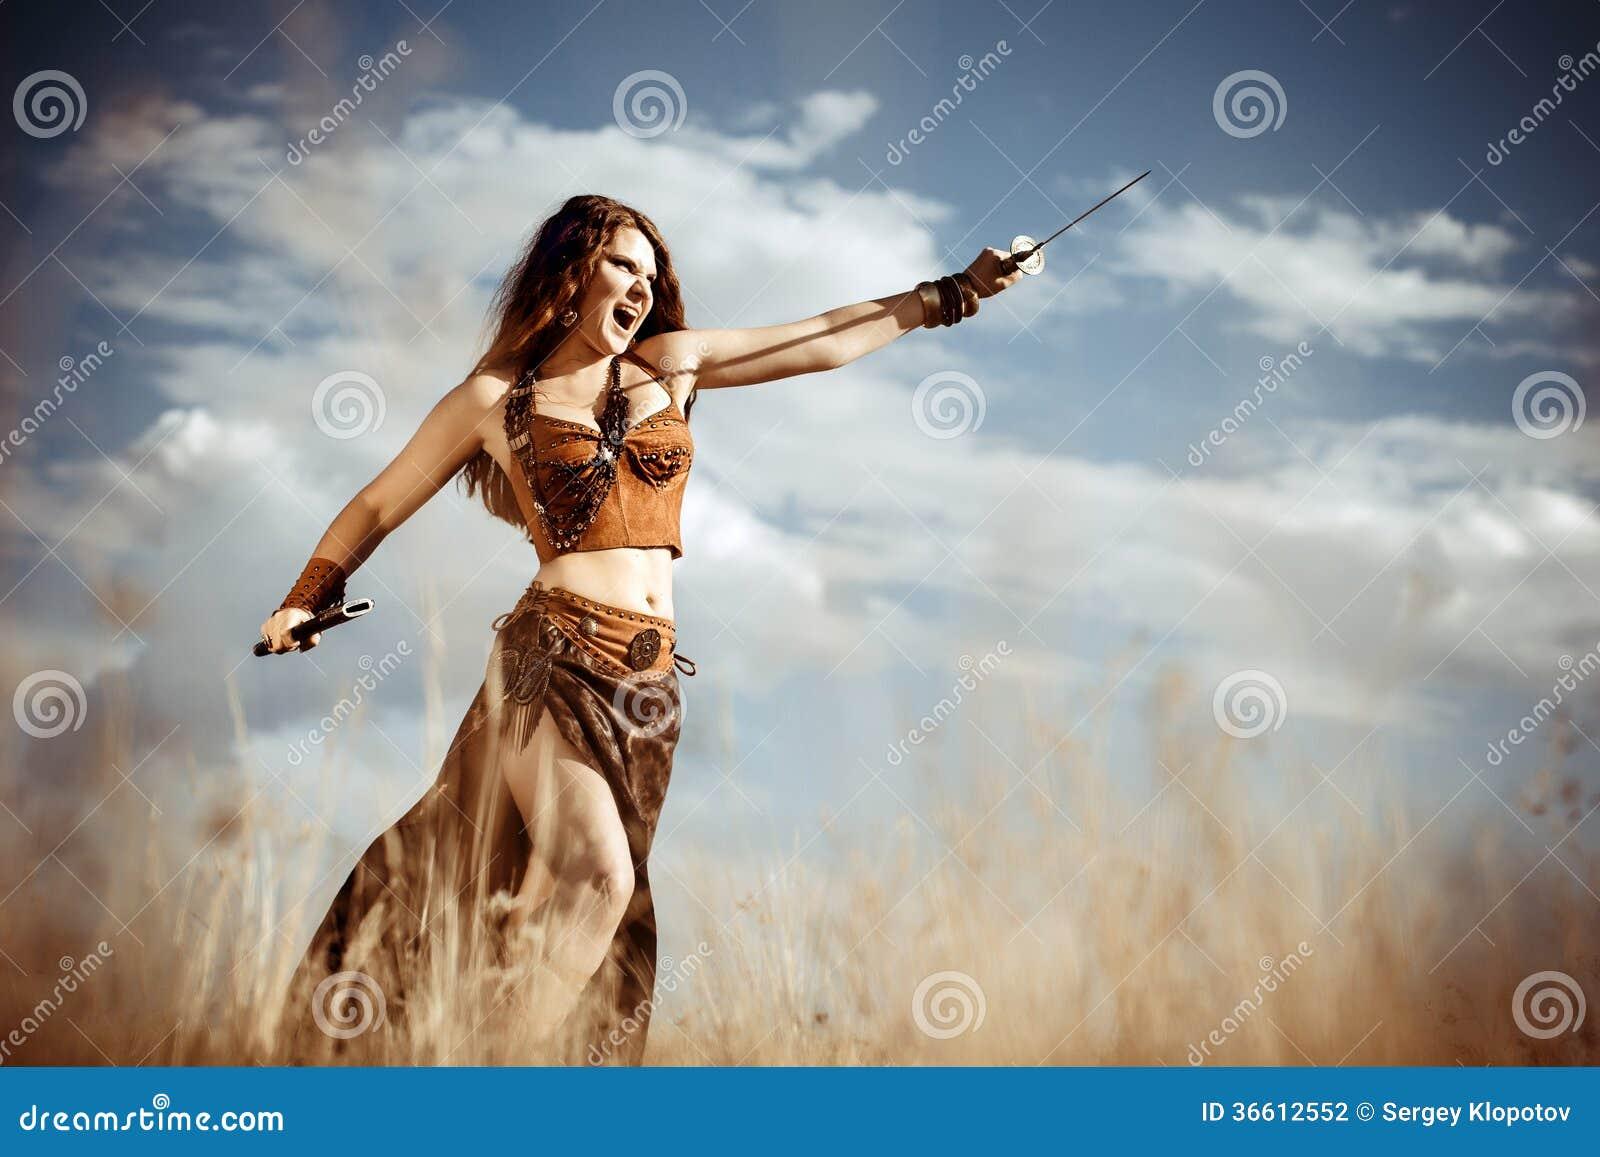 Amazonas mit einer Klinge